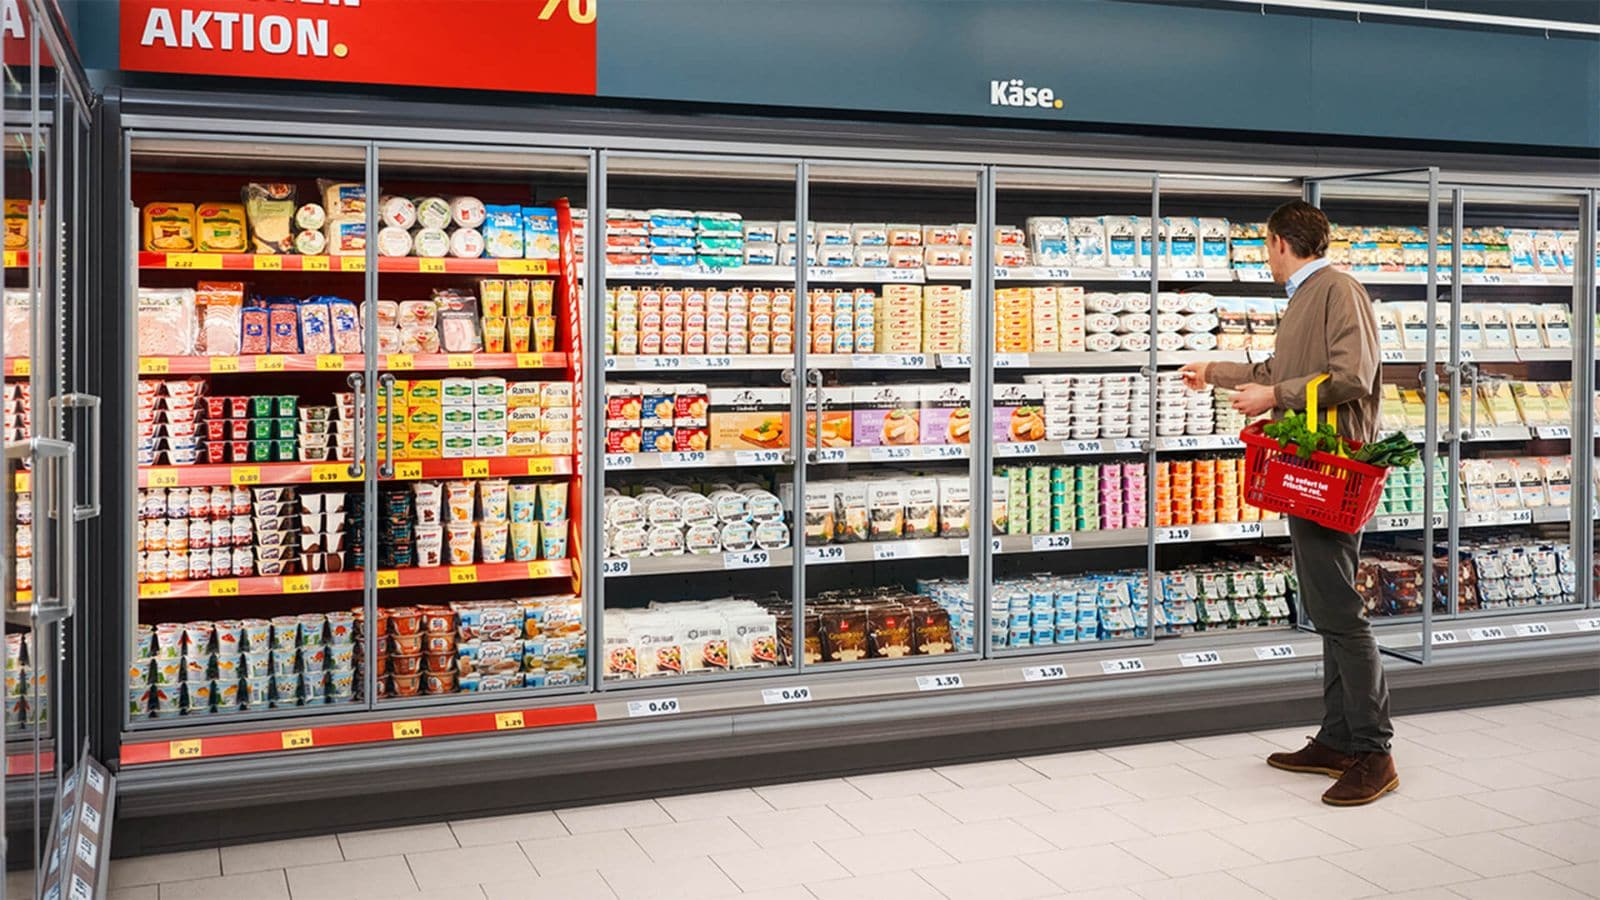 Mann vor Kühlabteilung des neuen Super-Discounts